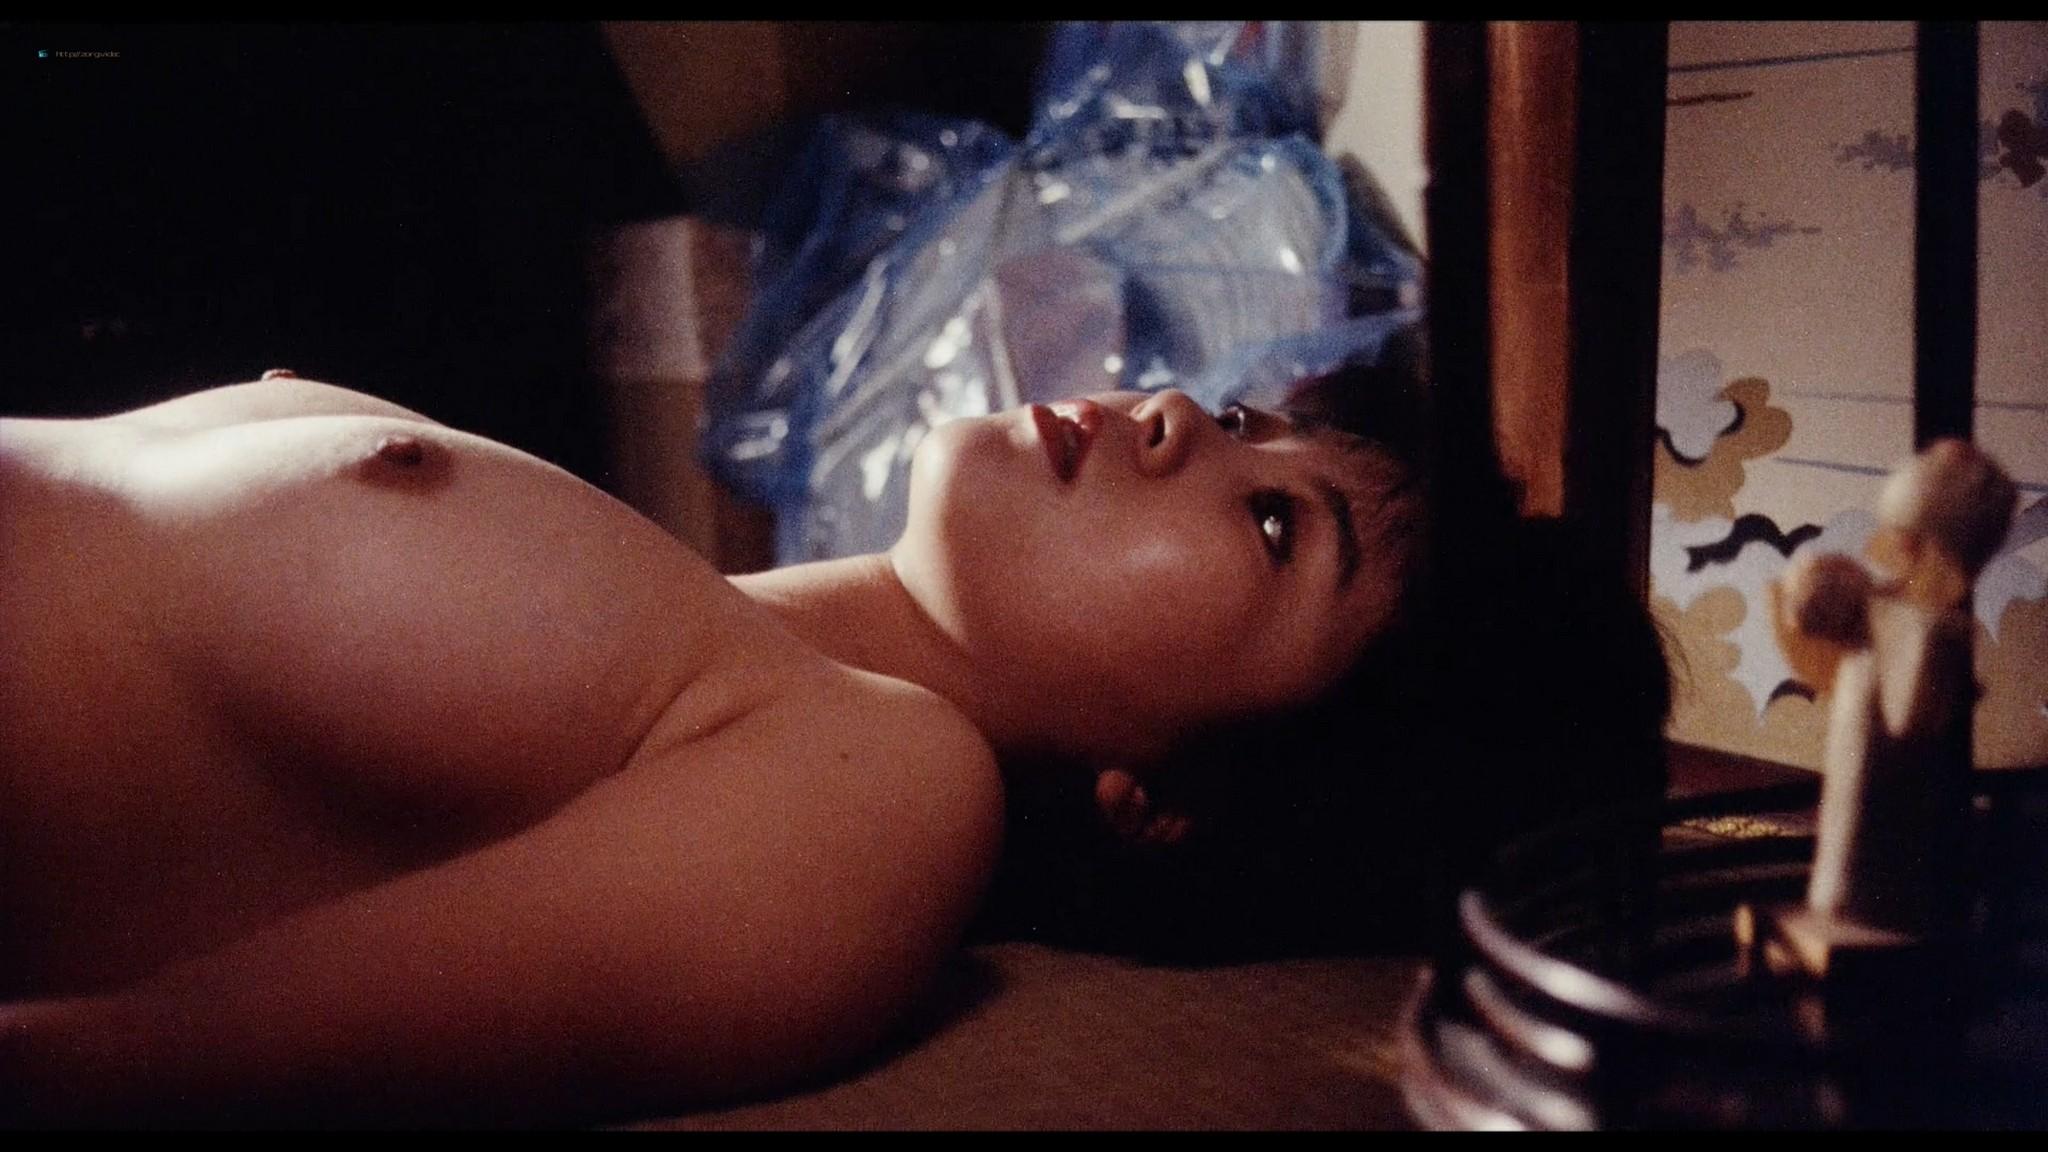 Miki Yamaji nude sex Kaoru Kaze and others nude - Abnormal Family (1984) HD 1080p BluRay (3)